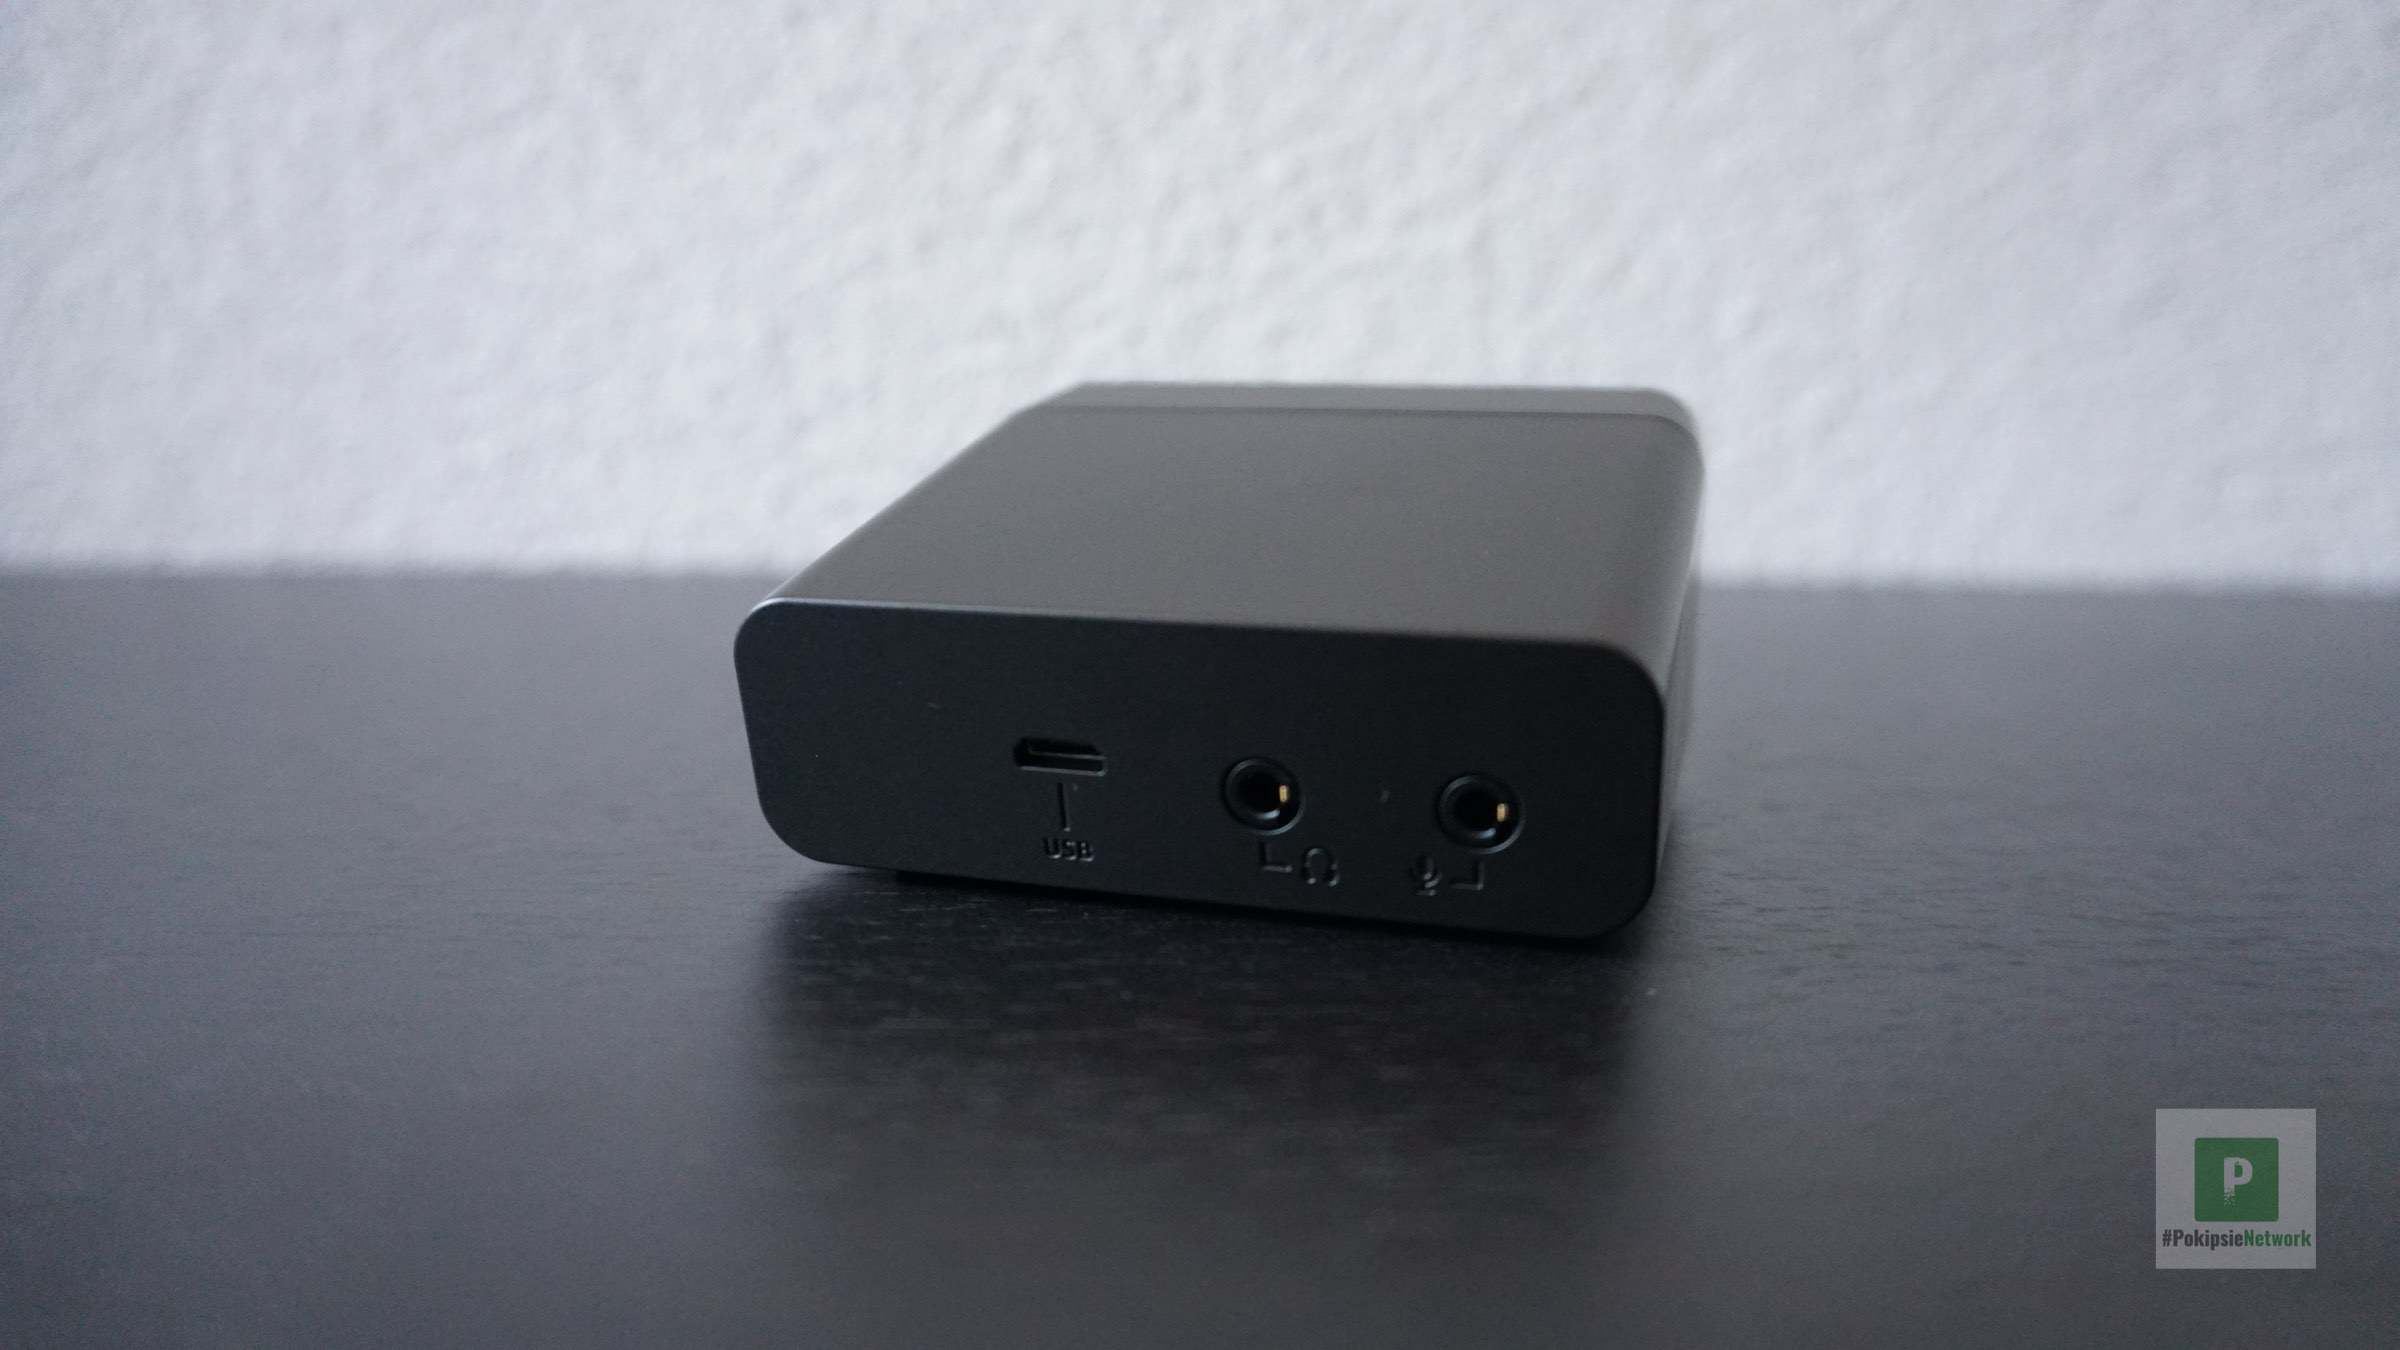 Rückansicht vom Audio-Device